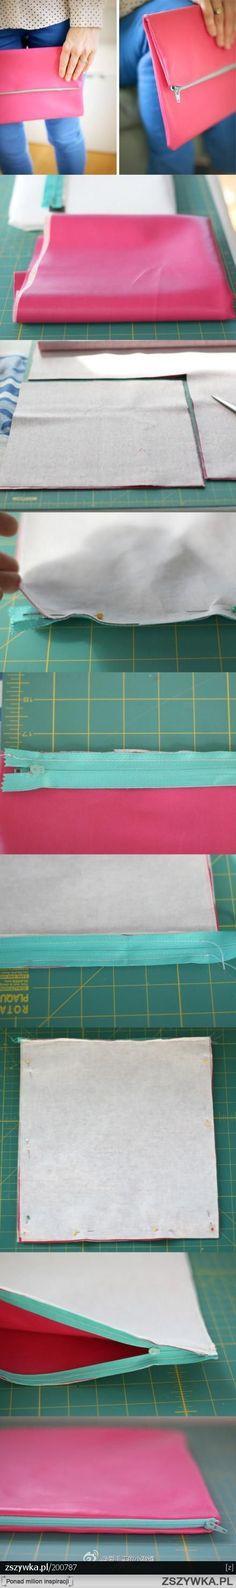 Tutoriel DIY apprendre comment faire par soi même et créer, fabriquer une pochette à main, un sac pochette en cuir ou tissu pour femme.